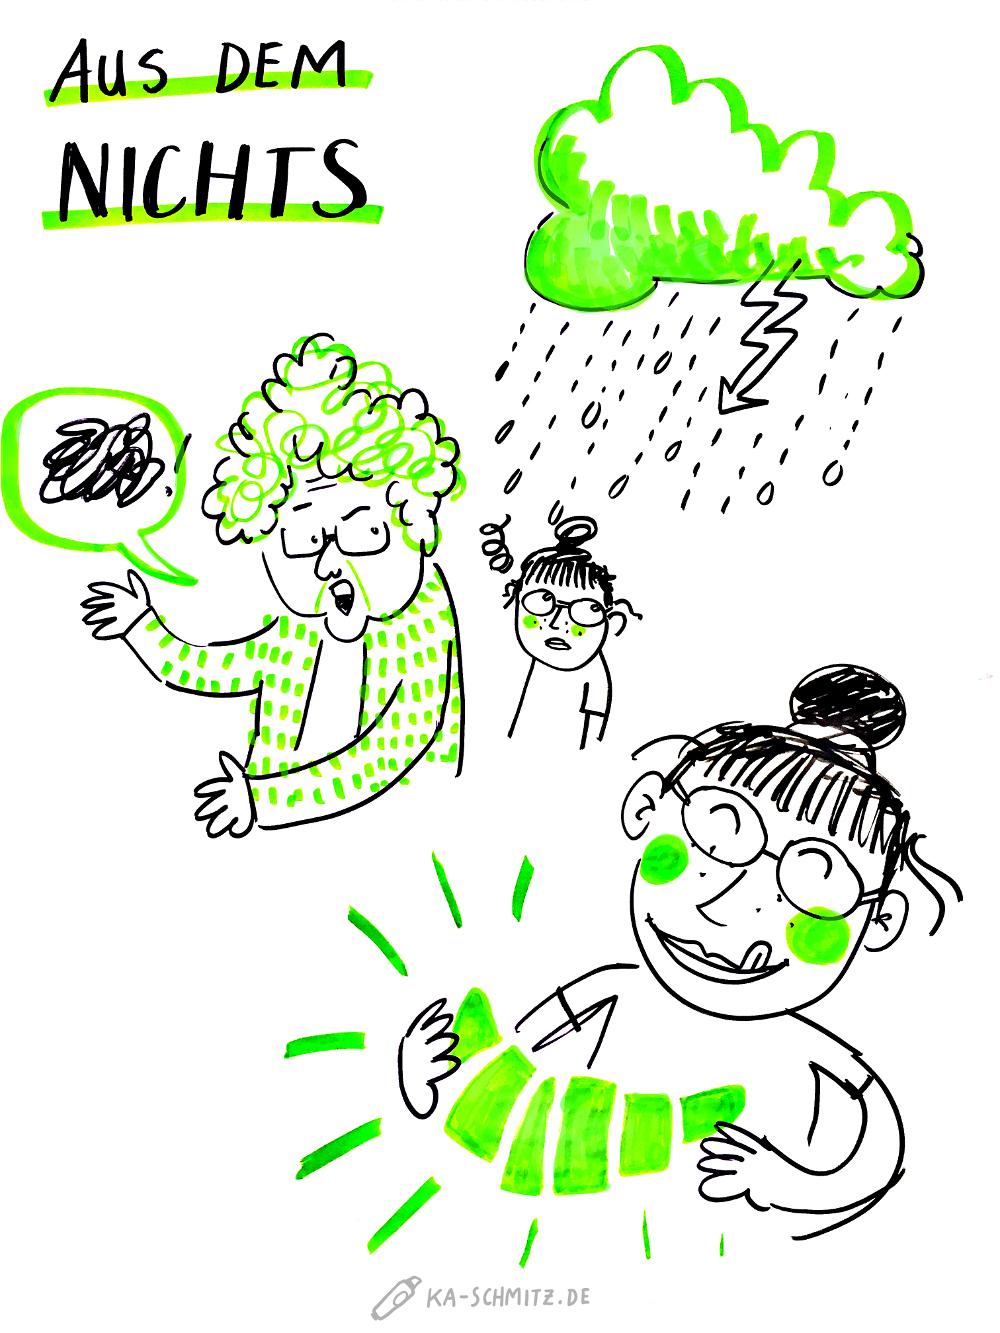 Mehrere Figuren und Elemente aus der Geschichte, simultan zur Lesung von Ka Schmitz gezeichnet.